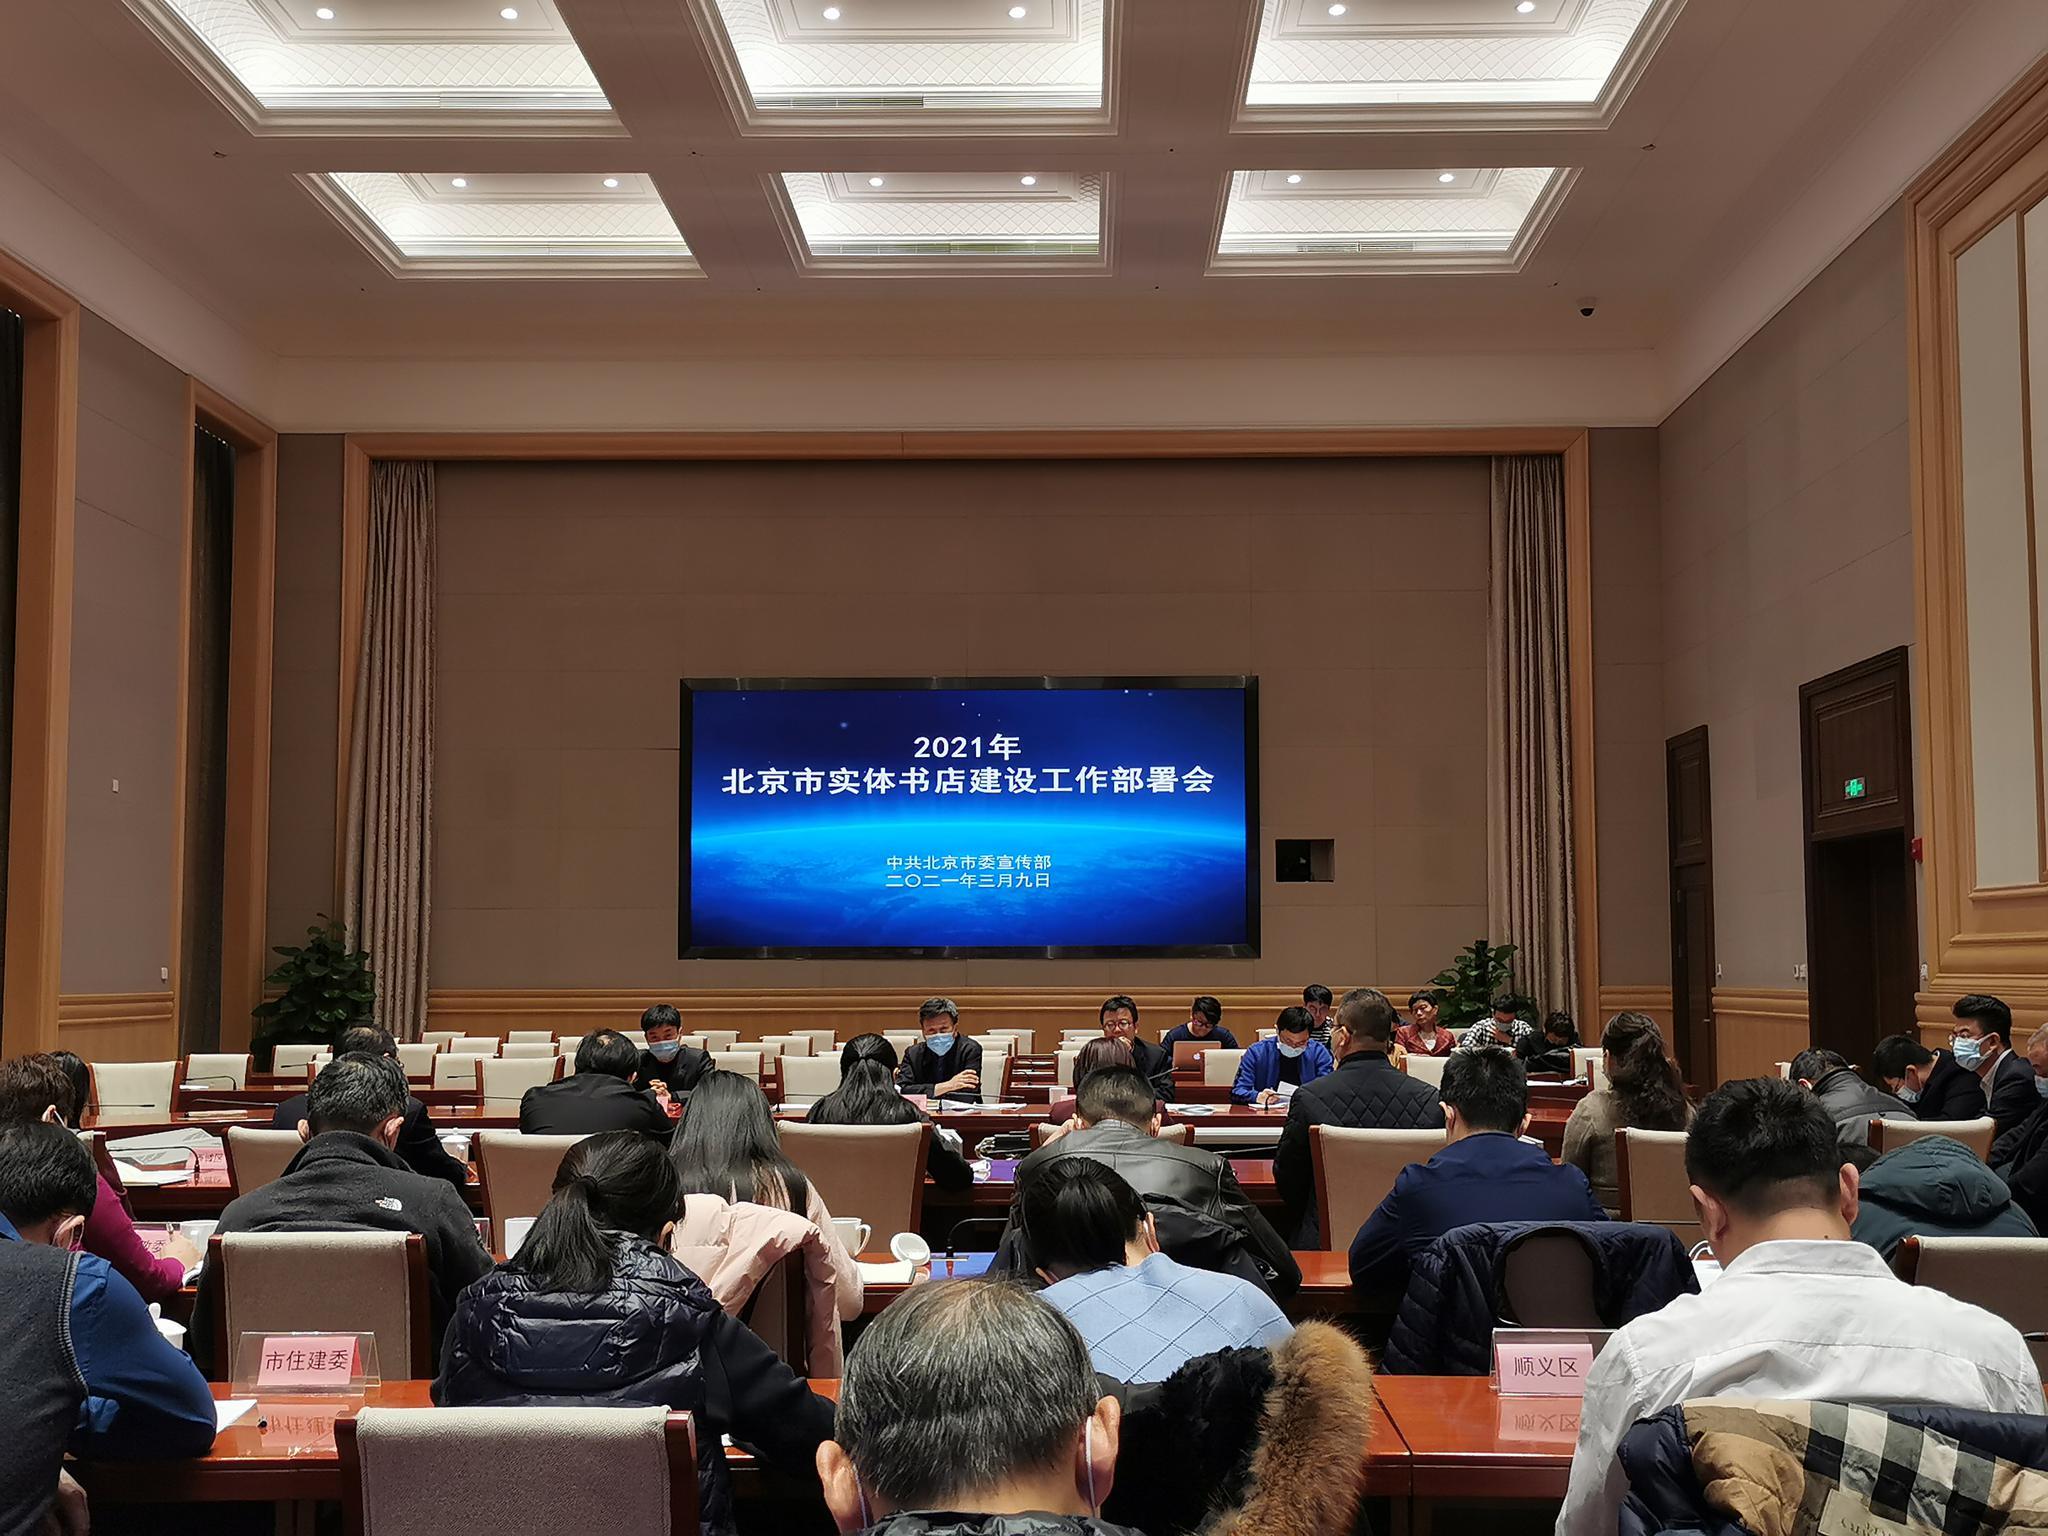 2020年北京实体书店扶持资金达1亿元 特色书店达到200家